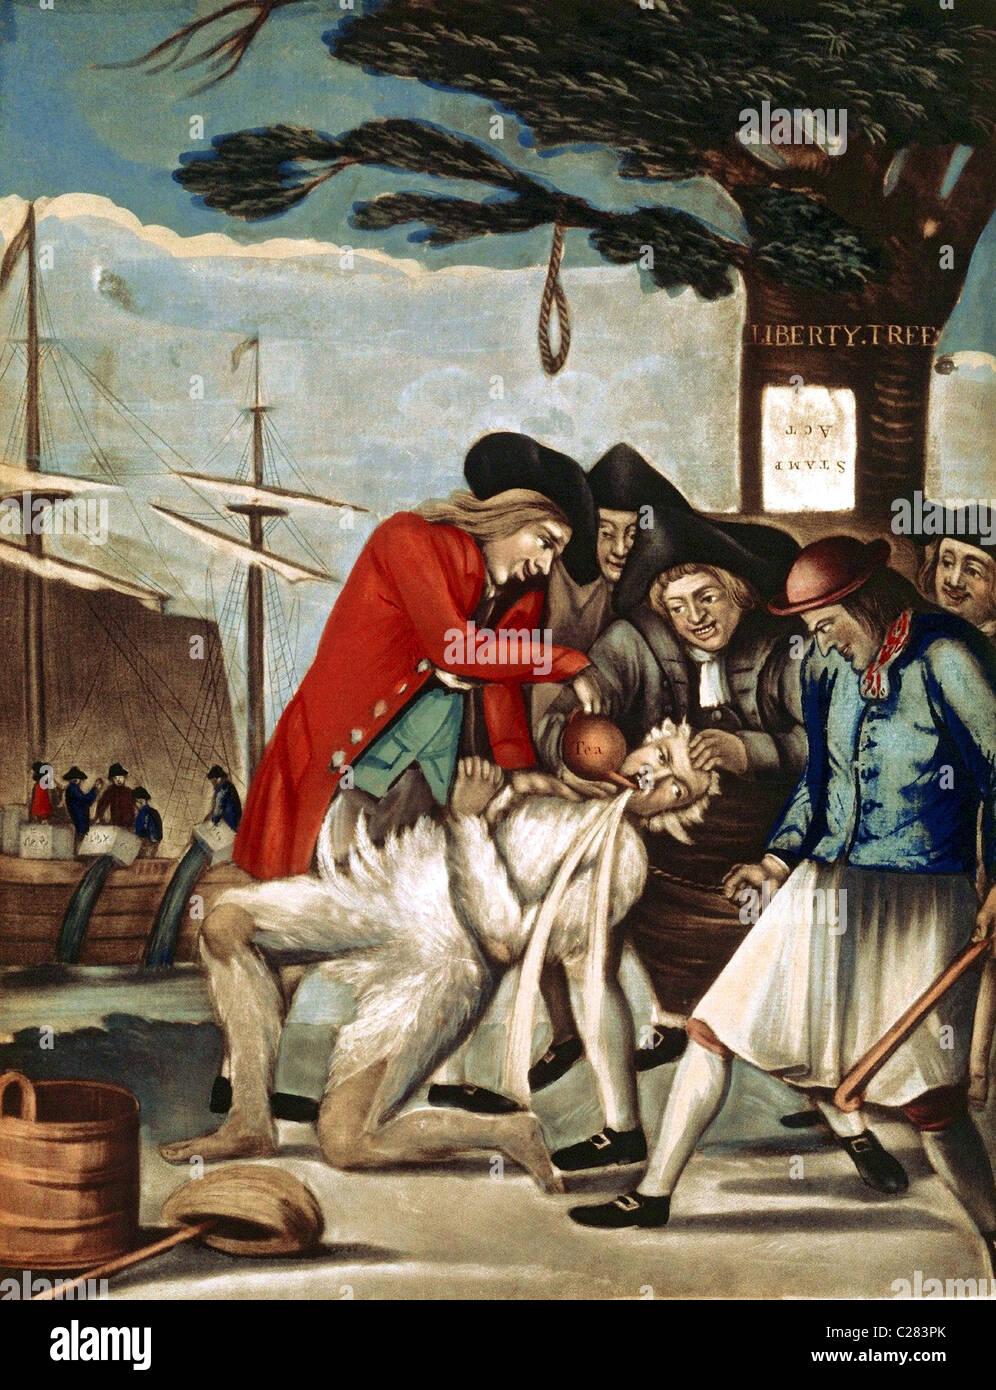 Man die Bostonians die Verbrauchsteuer zu zahlen. Die Sons of Liberty Teeren und Federn ein Zöllner unterhalb Stockbild